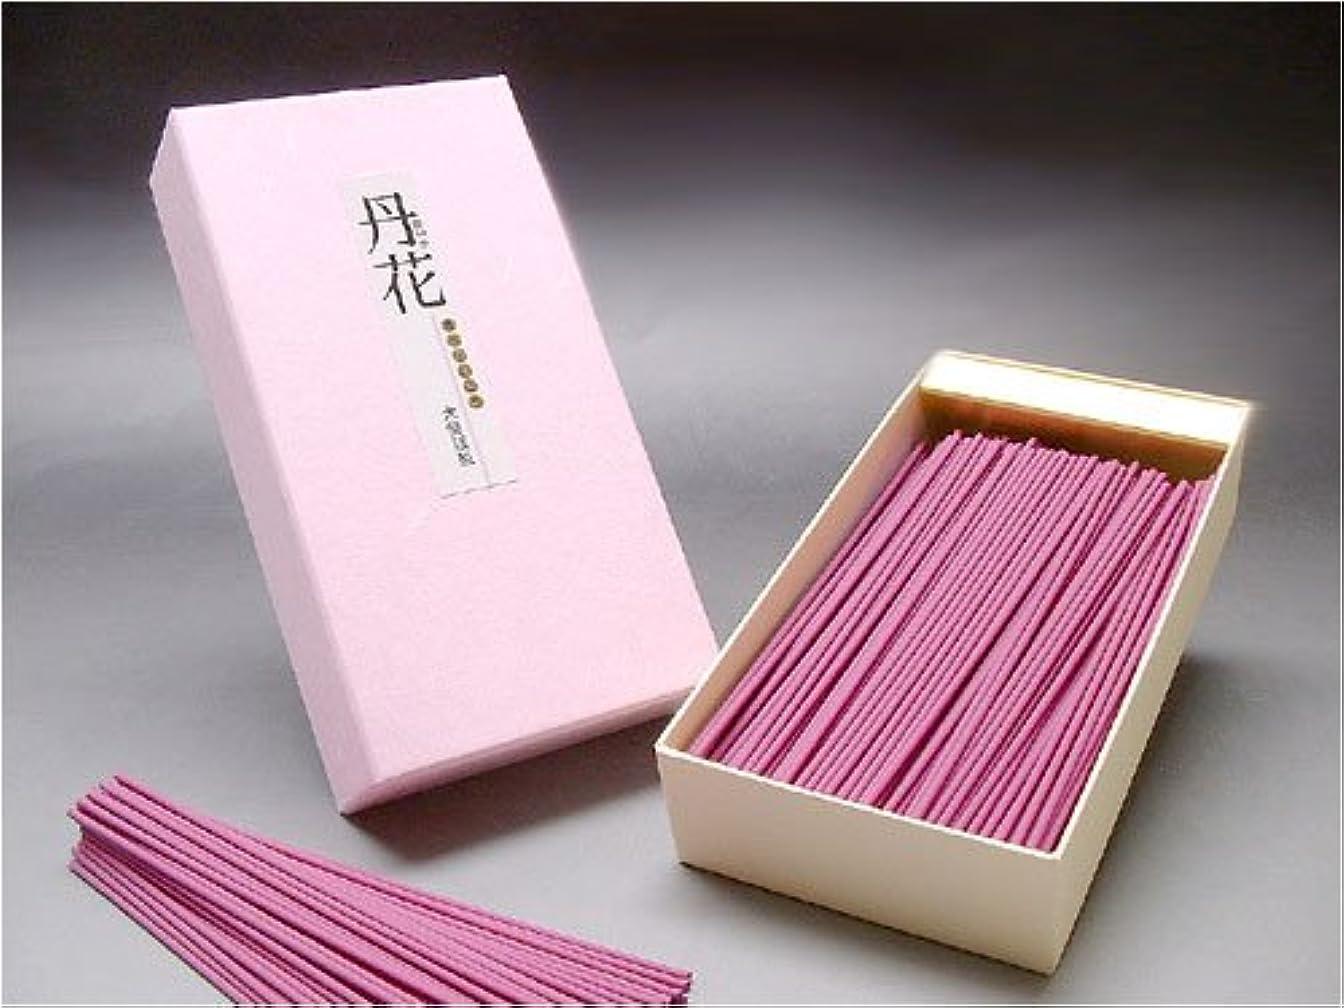 寸前ハンカチコーデリア大発のお香 梅丹花(ピンク箱) TP-3